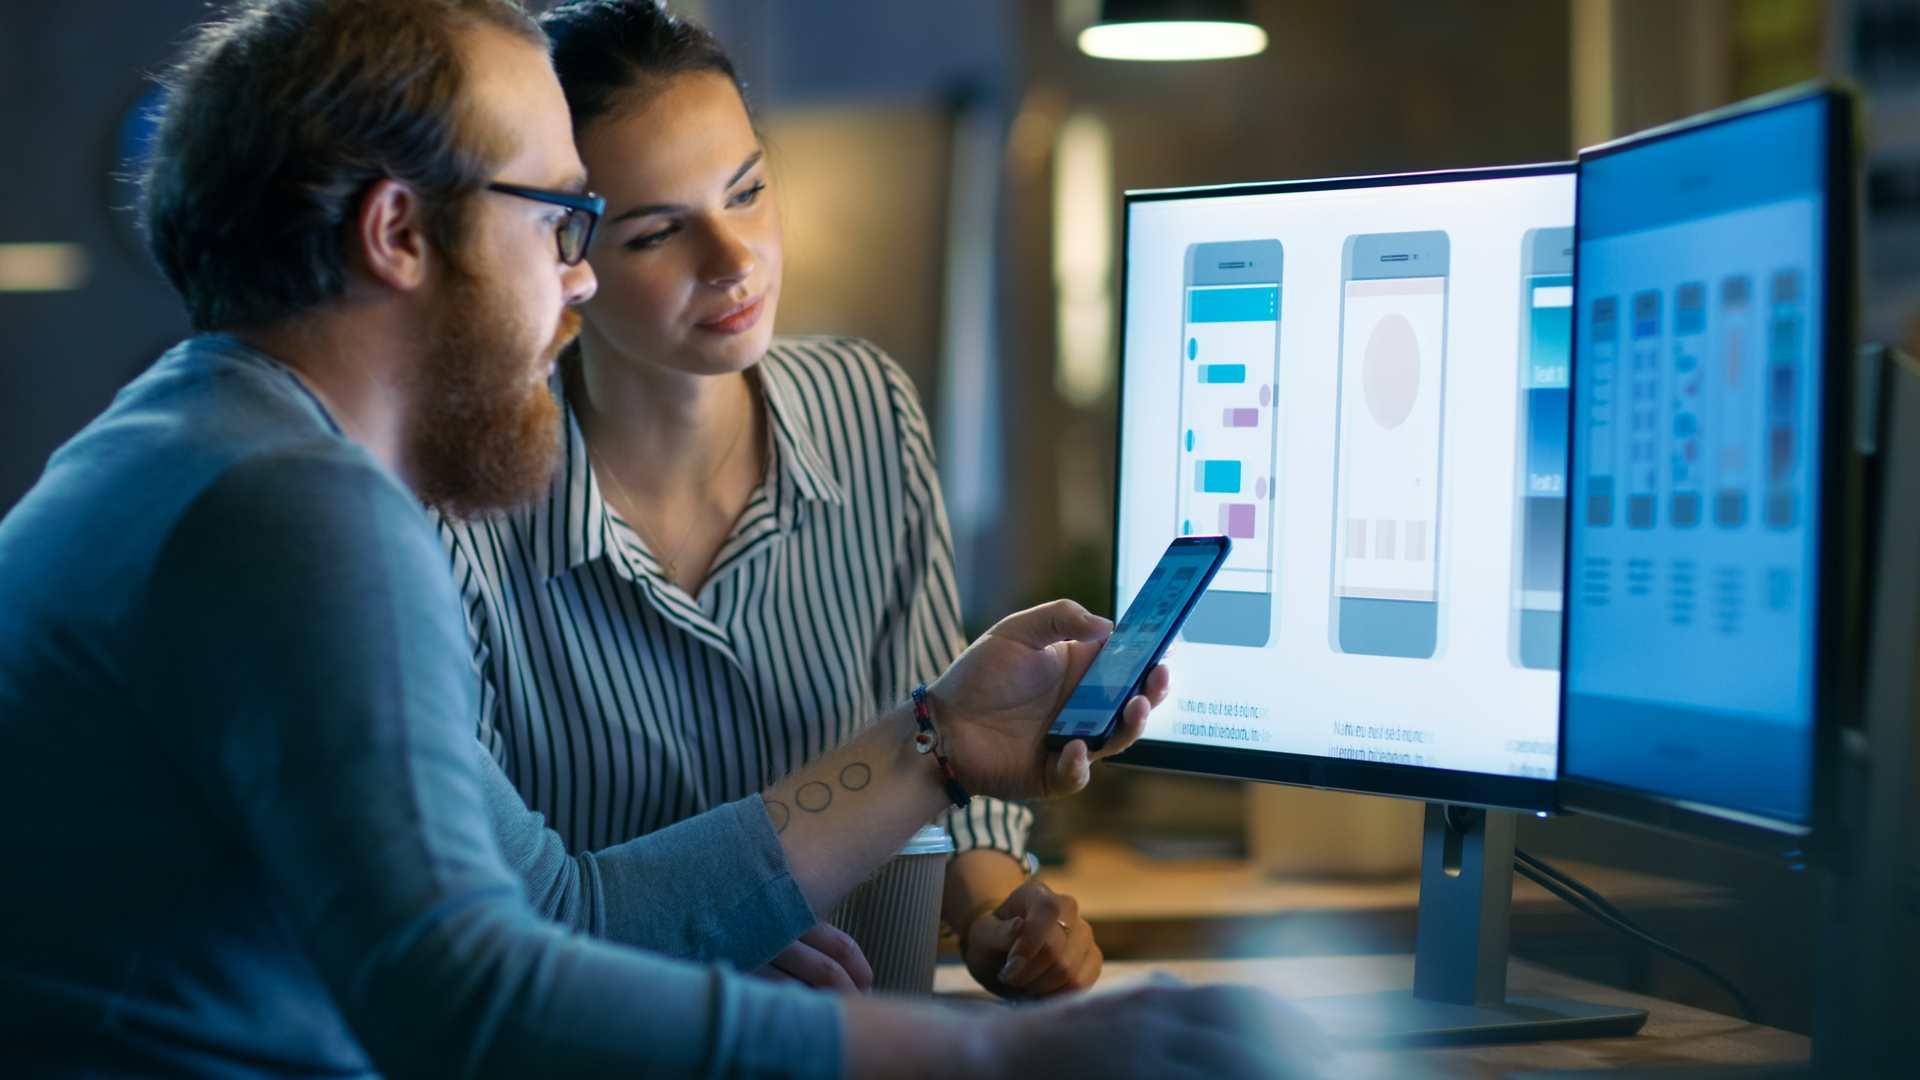 Homem e mulher aprendendo como criar um aplicativo em frente ao computador e celular